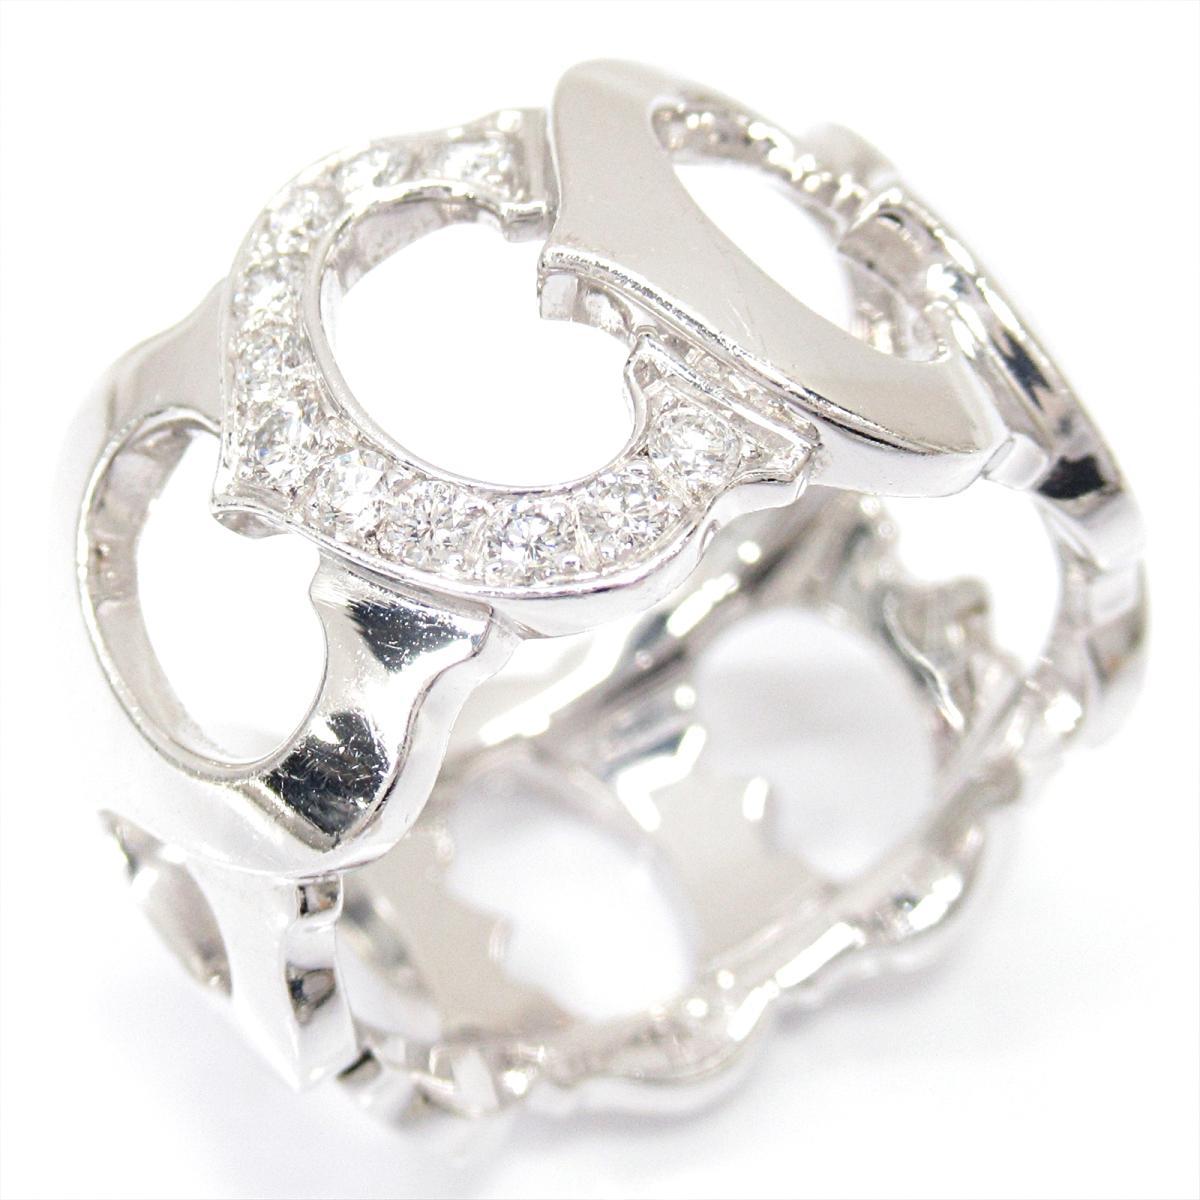 【中古】 カルティエ Cドゥカルティエリング 指輪 メンズ レディース K18WG (750) ホワイトゴールド x ダイヤモンド | Cartier BRANDOFF ブランドオフ ブランド ジュエリー アクセサリー リング